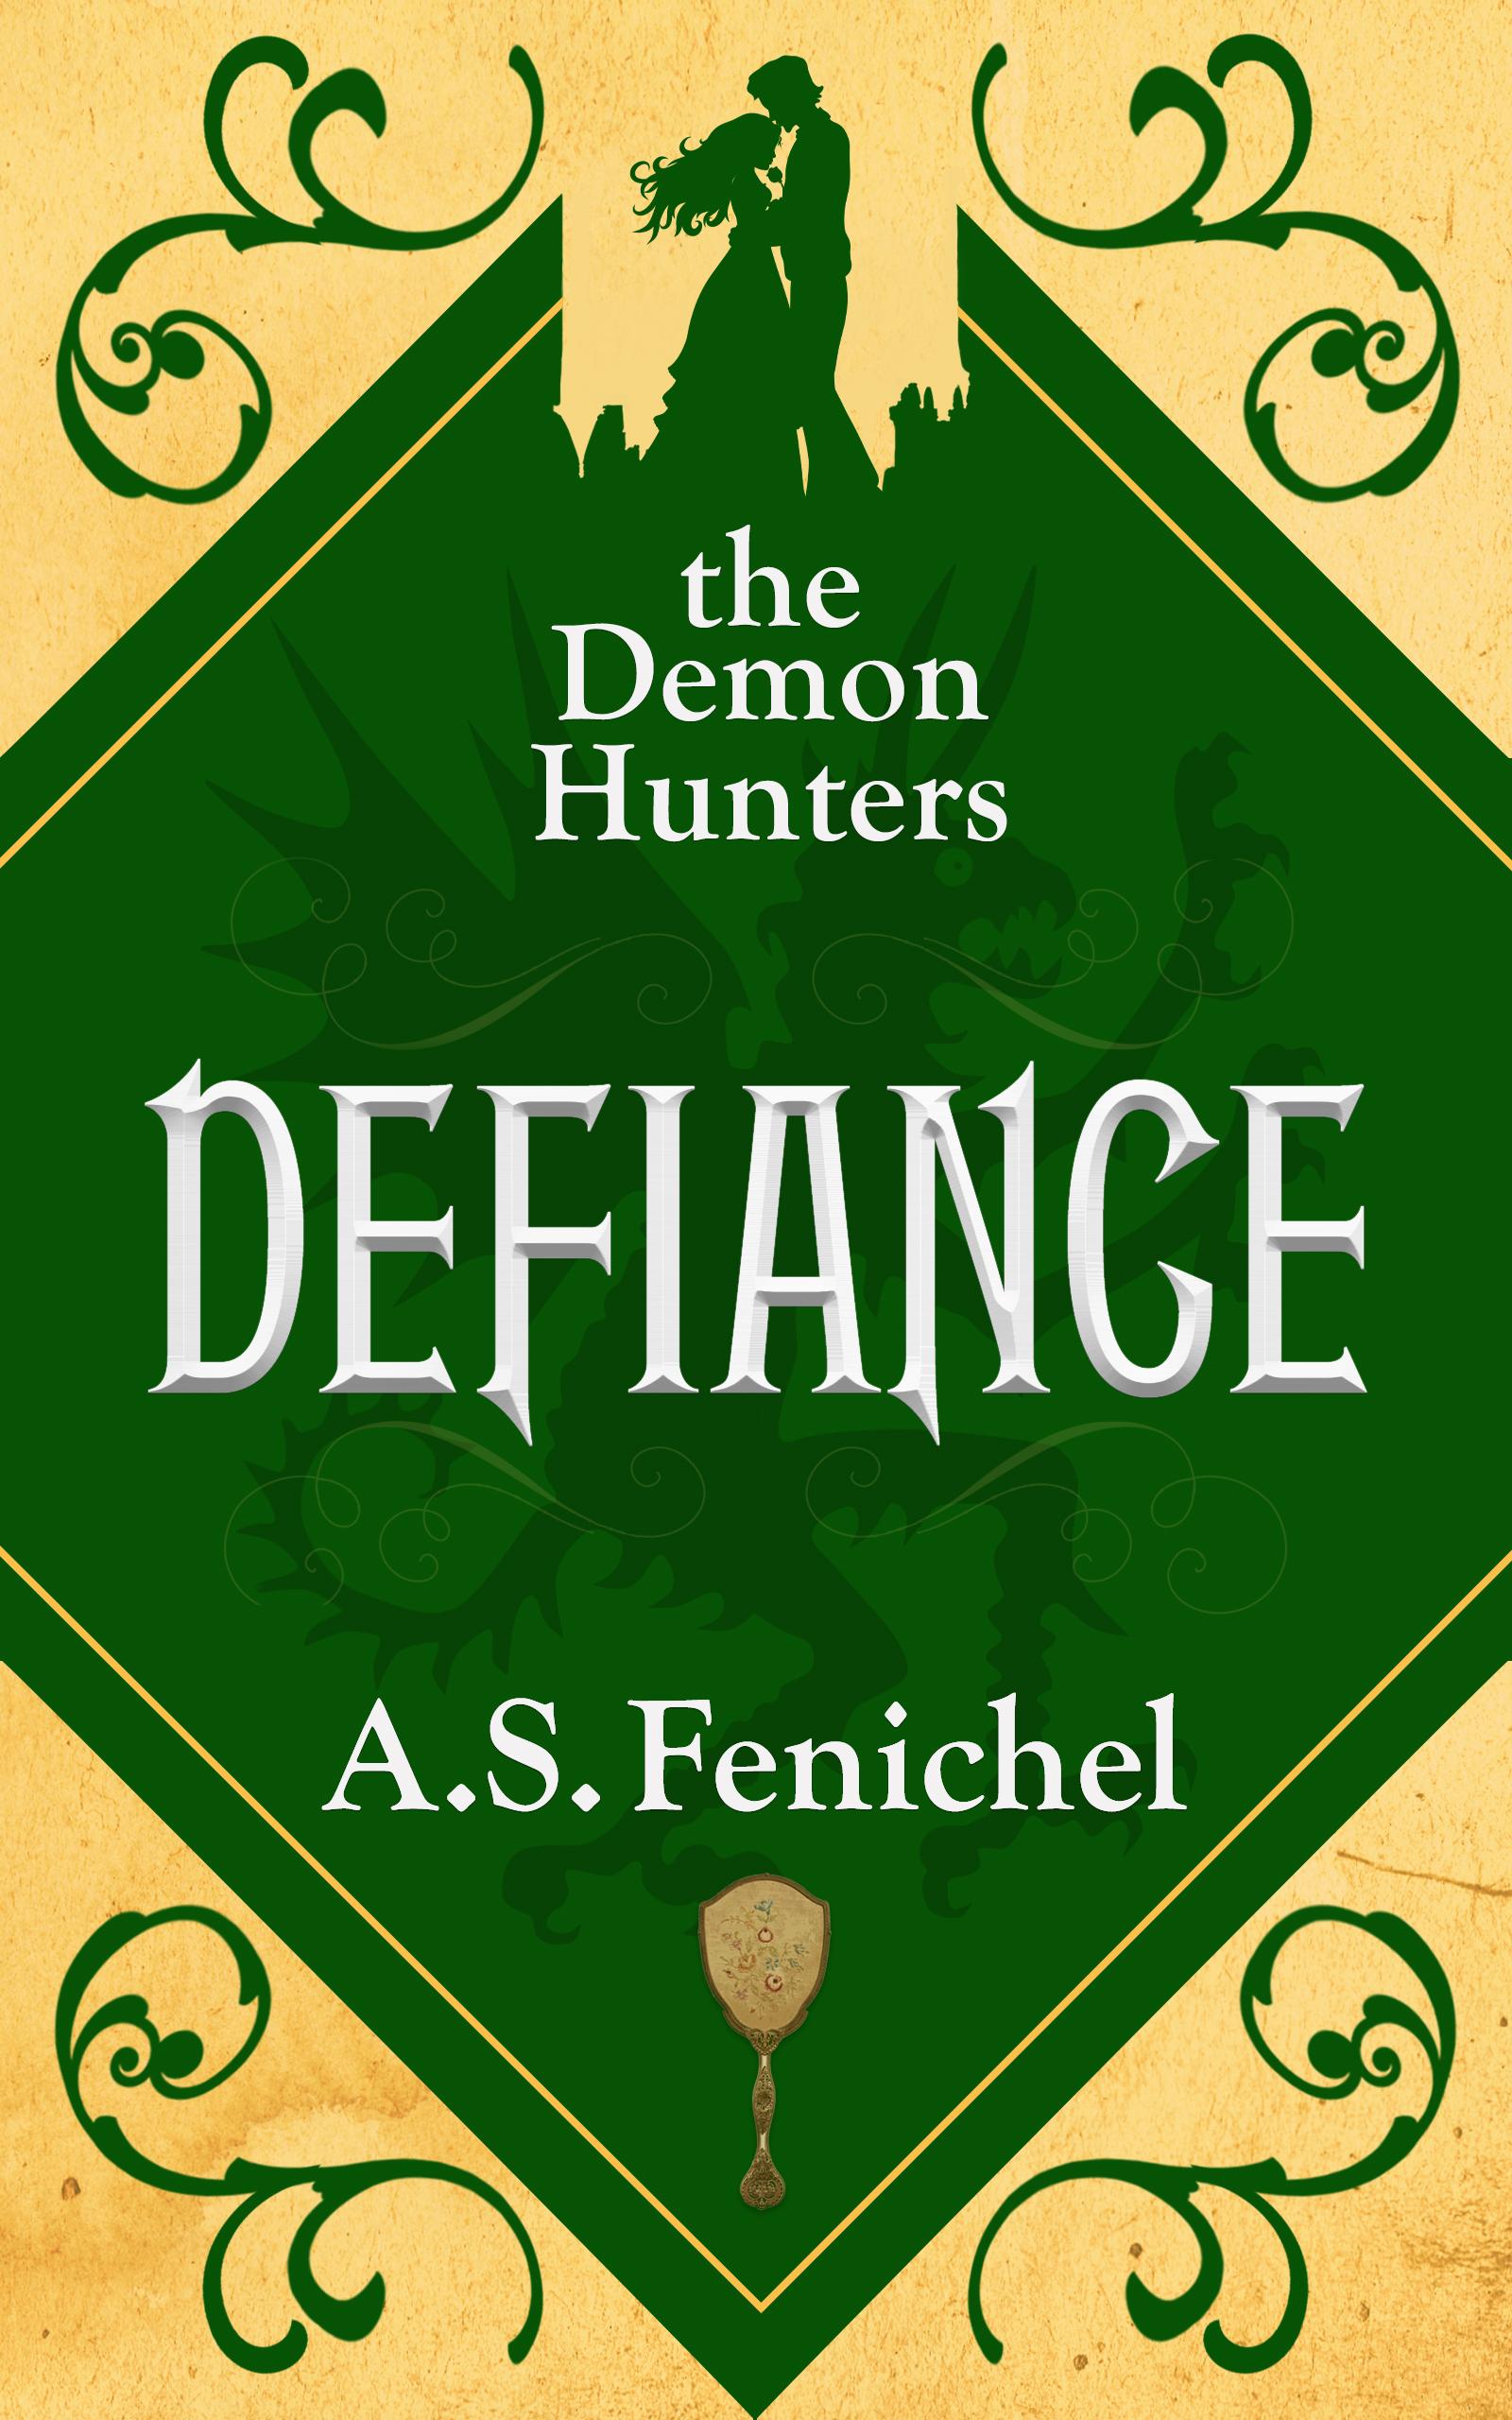 Defiance by A.S. Fenichel